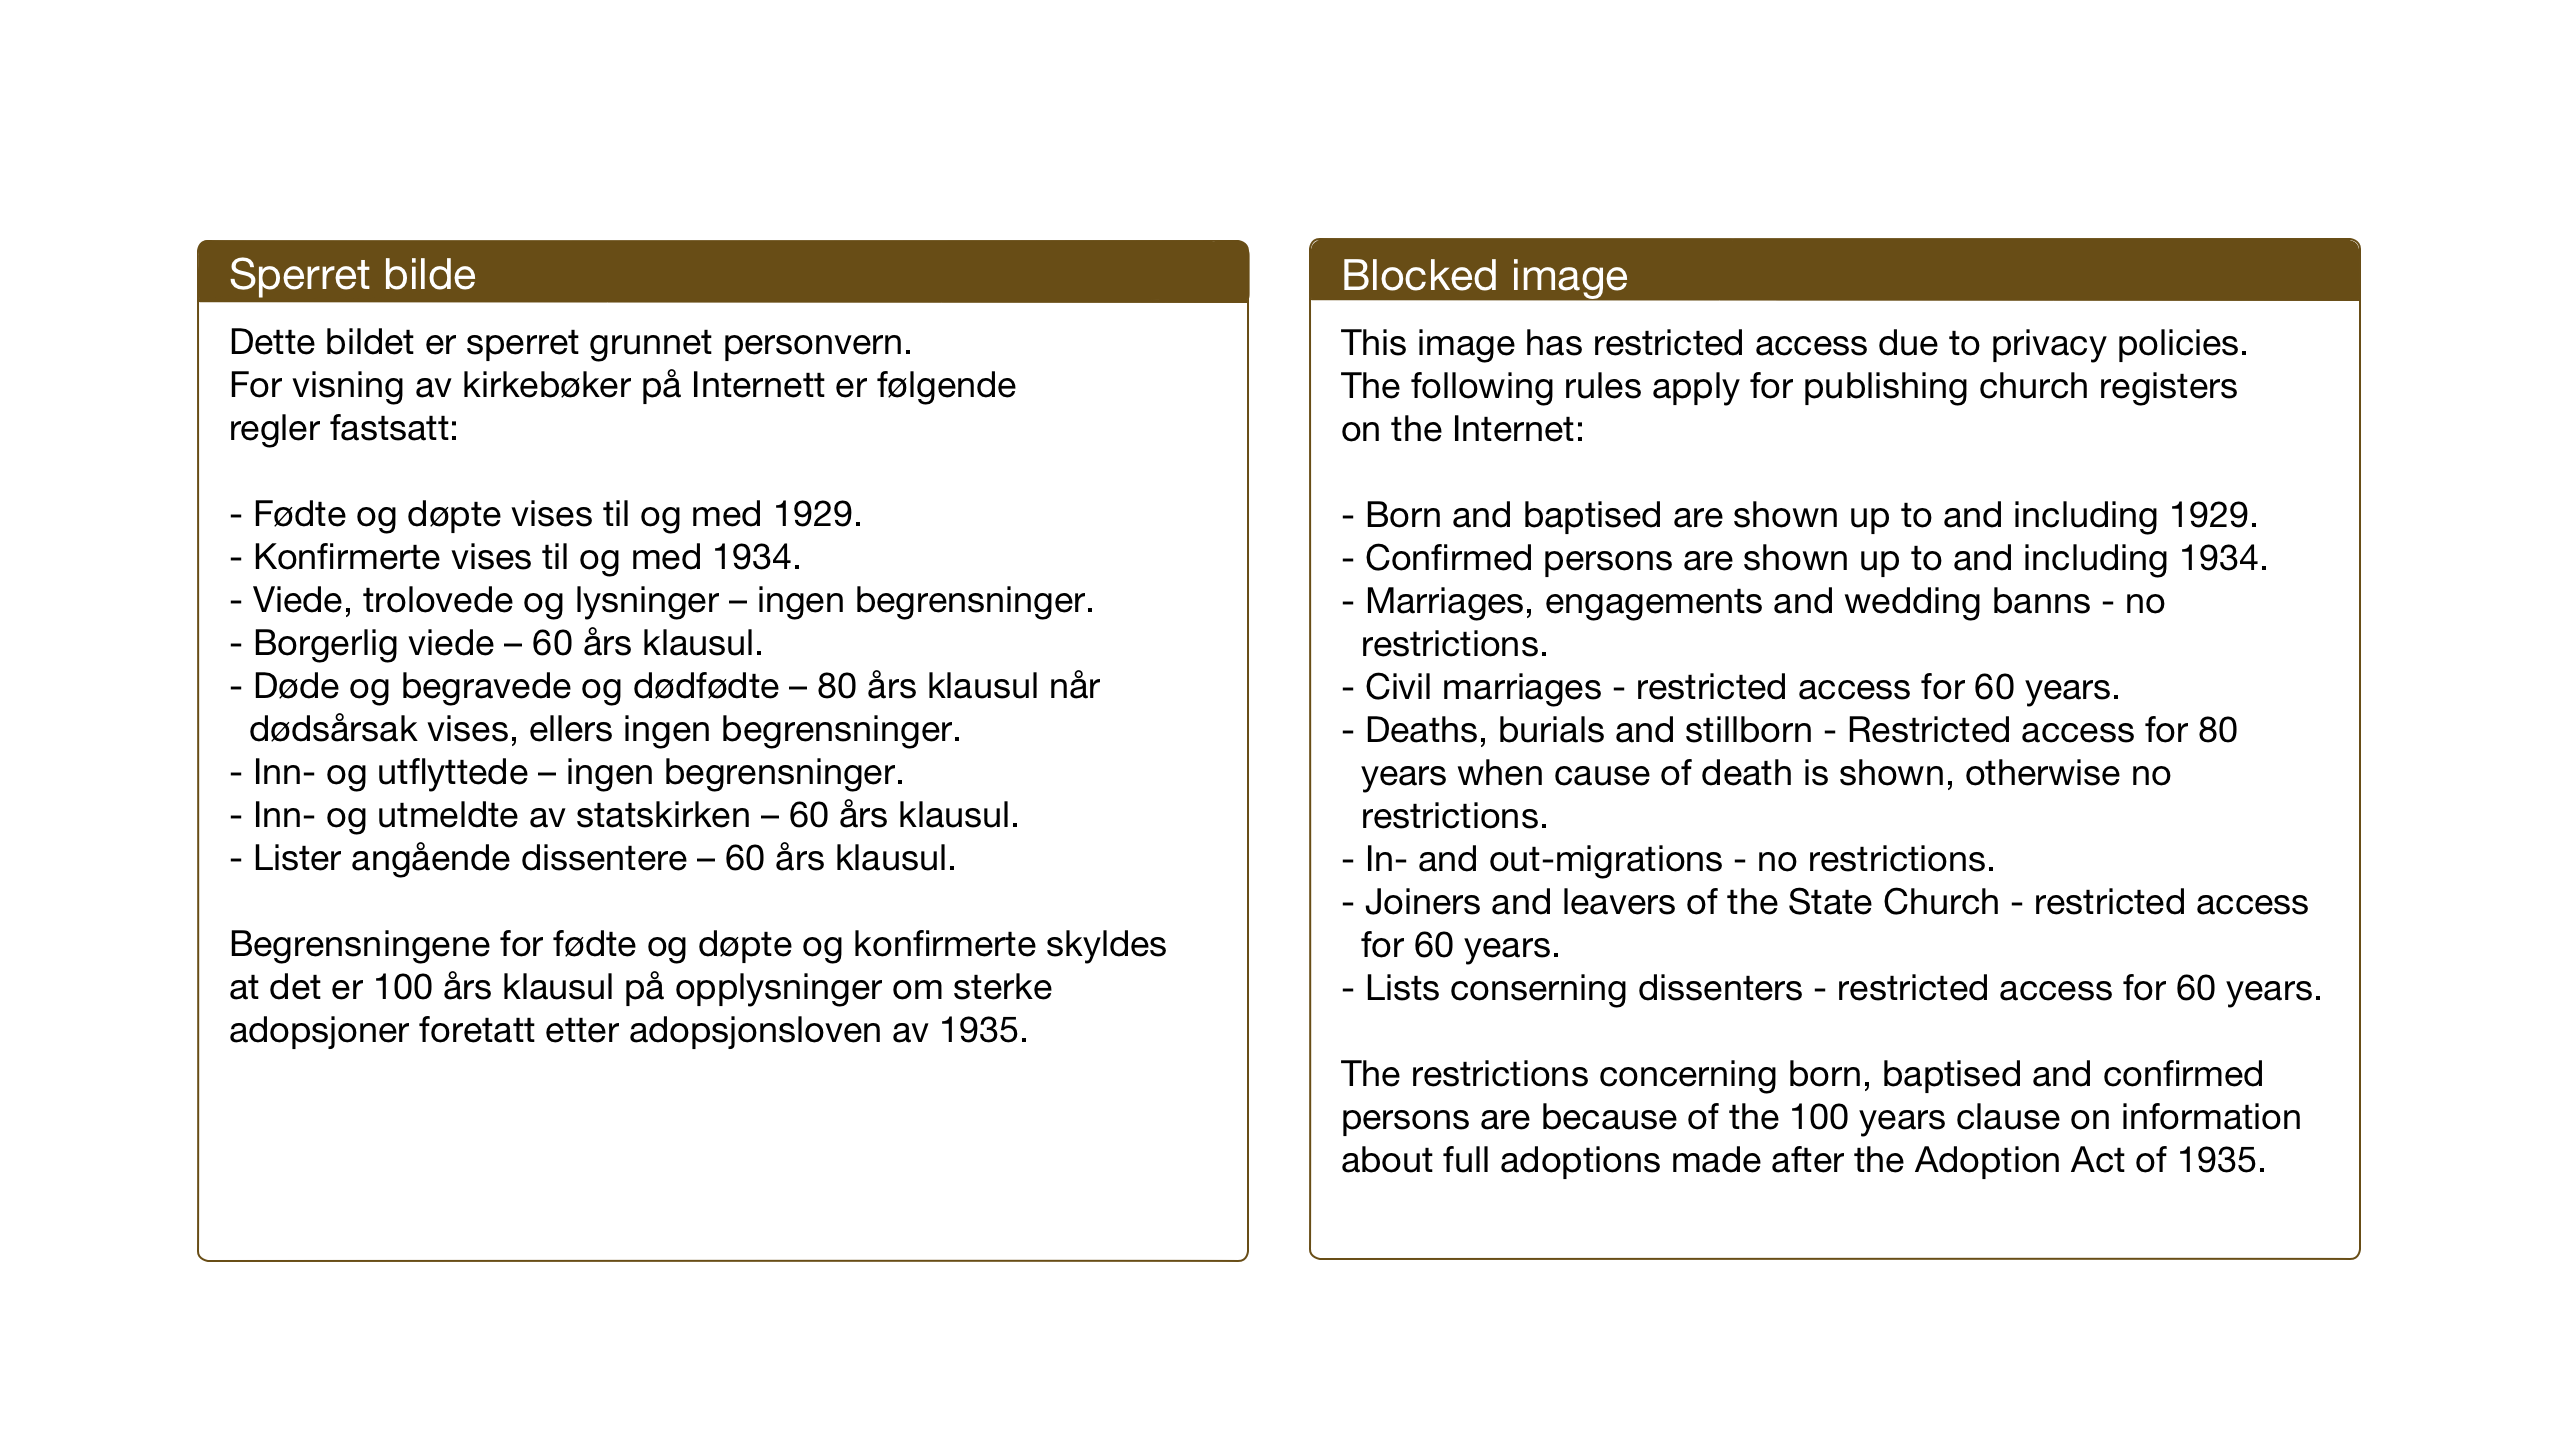 SAT, Ministerialprotokoller, klokkerbøker og fødselsregistre - Sør-Trøndelag, 695/L1158: Klokkerbok nr. 695C09, 1913-1940, s. 109